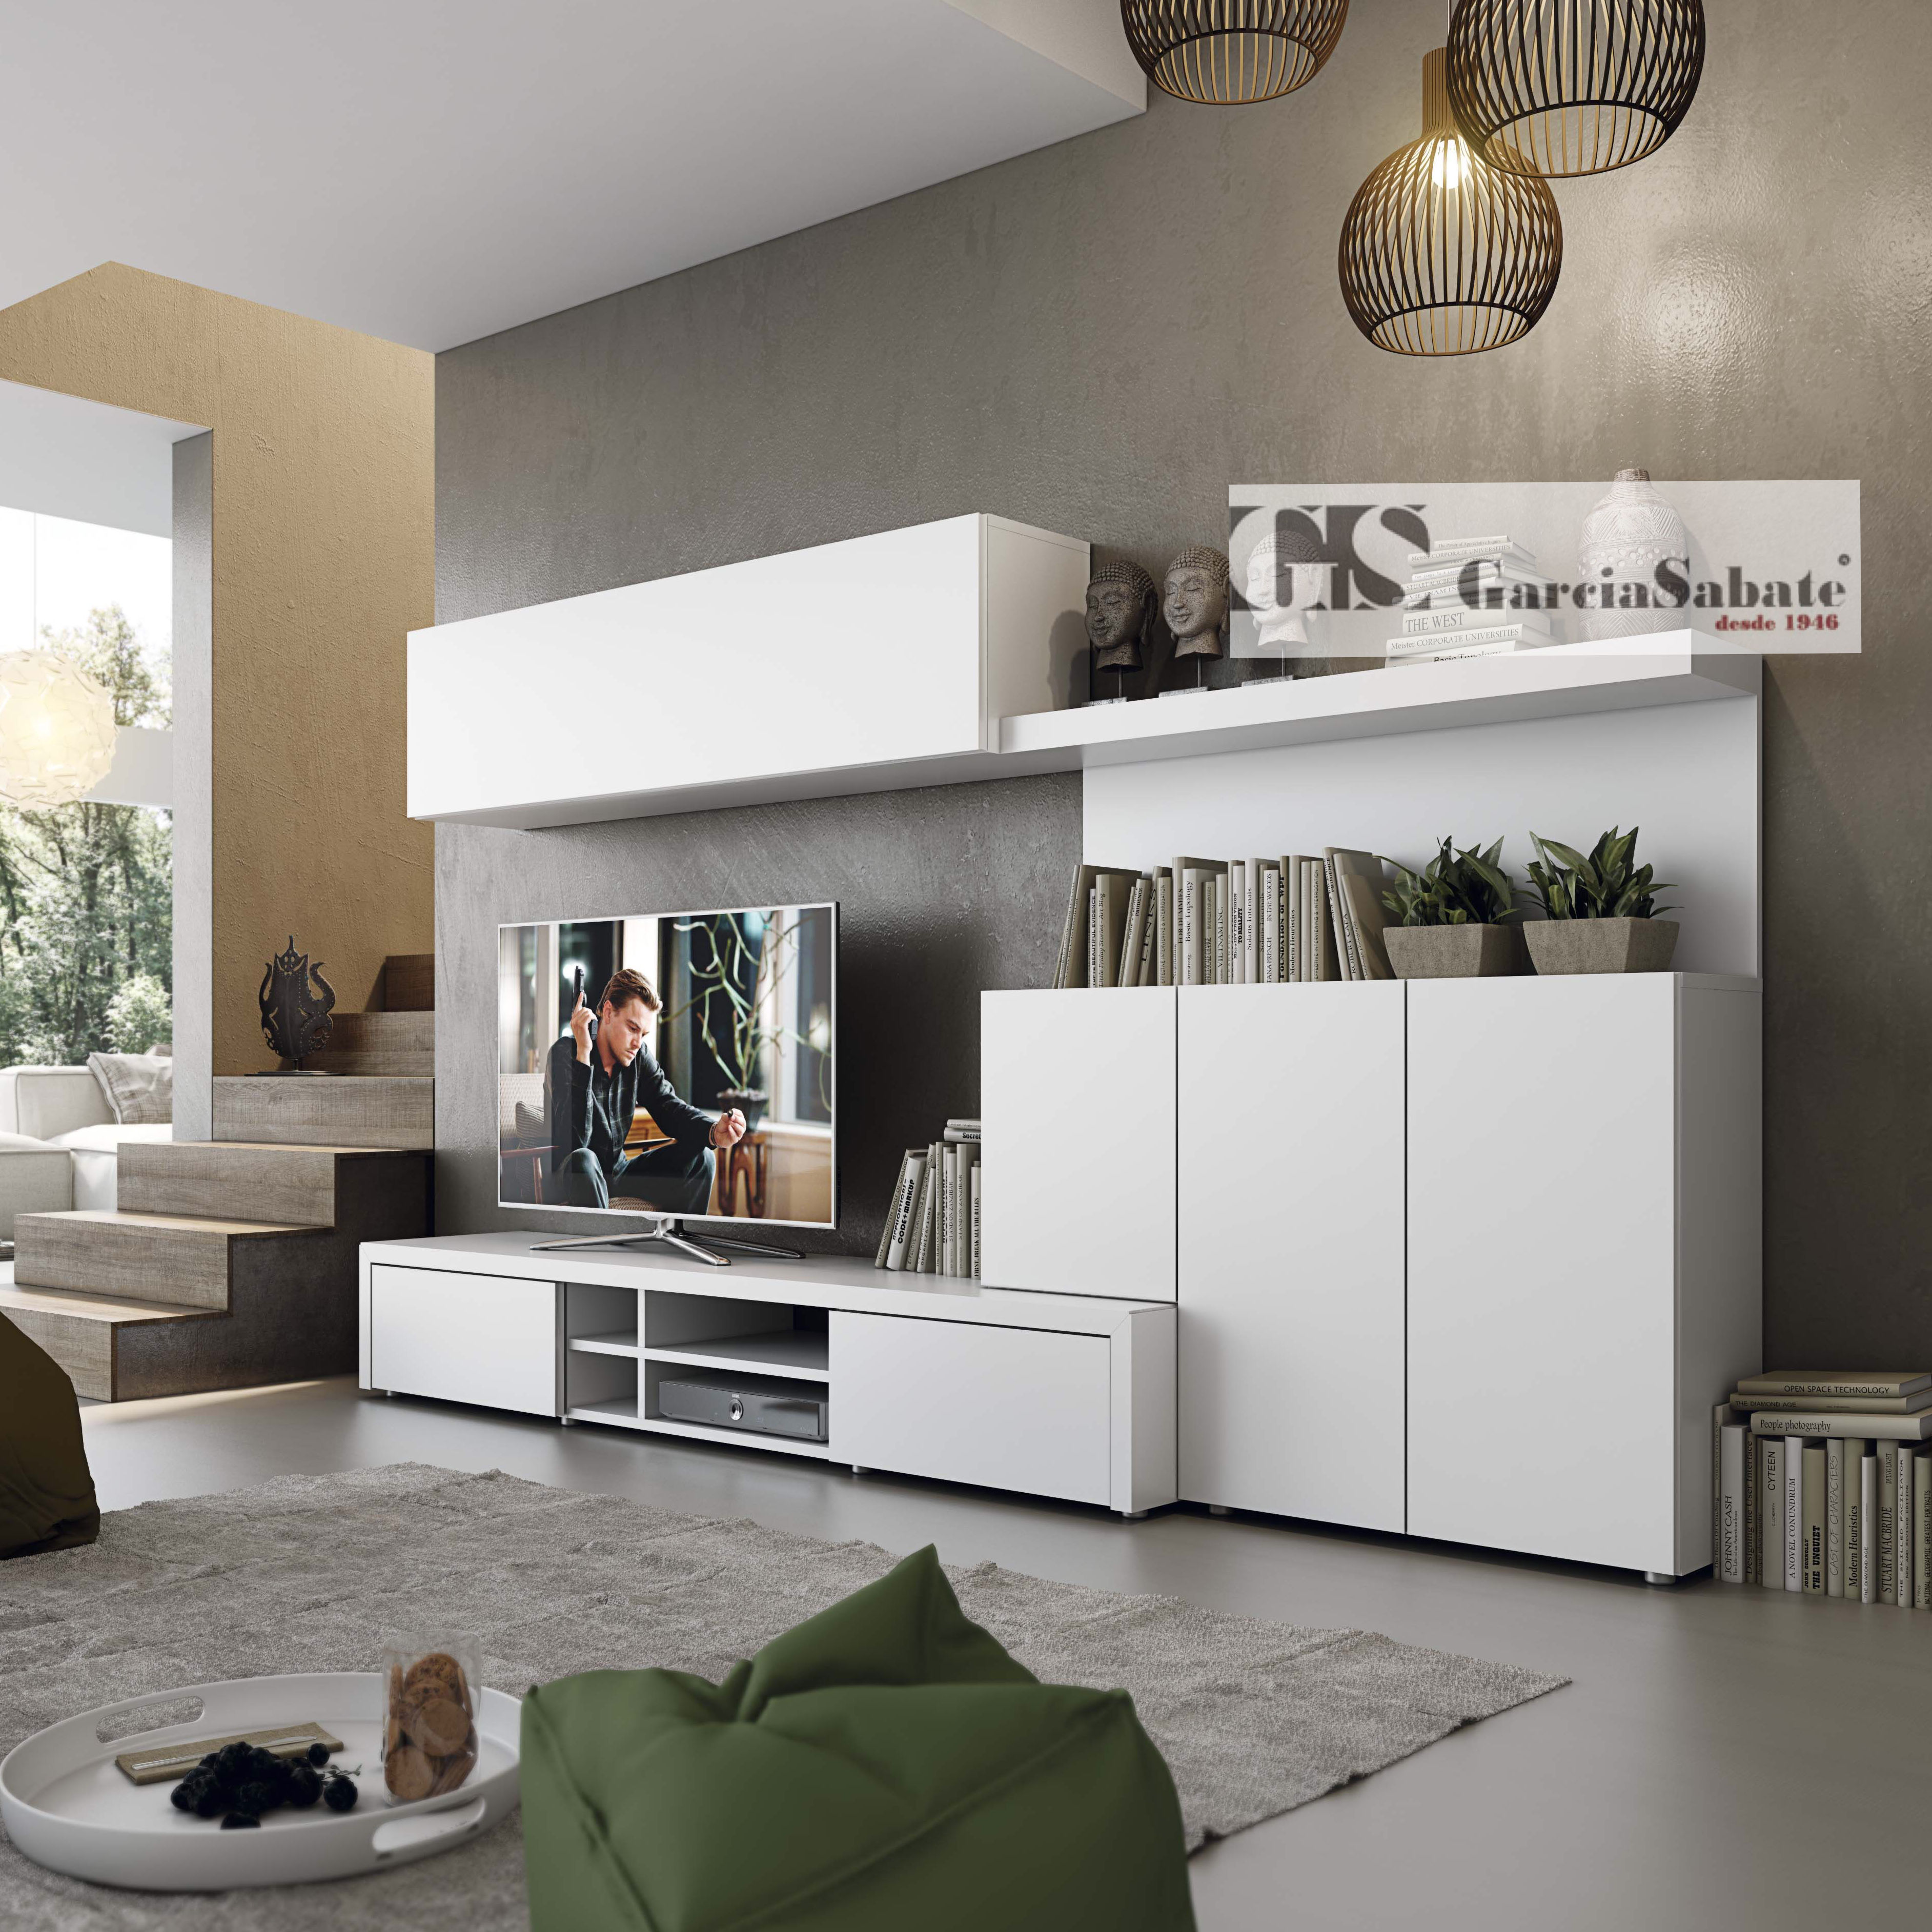 Salones garcia sabate cat logo de muebles y sof s de goga muebles complementos - Muebles y complementos ...